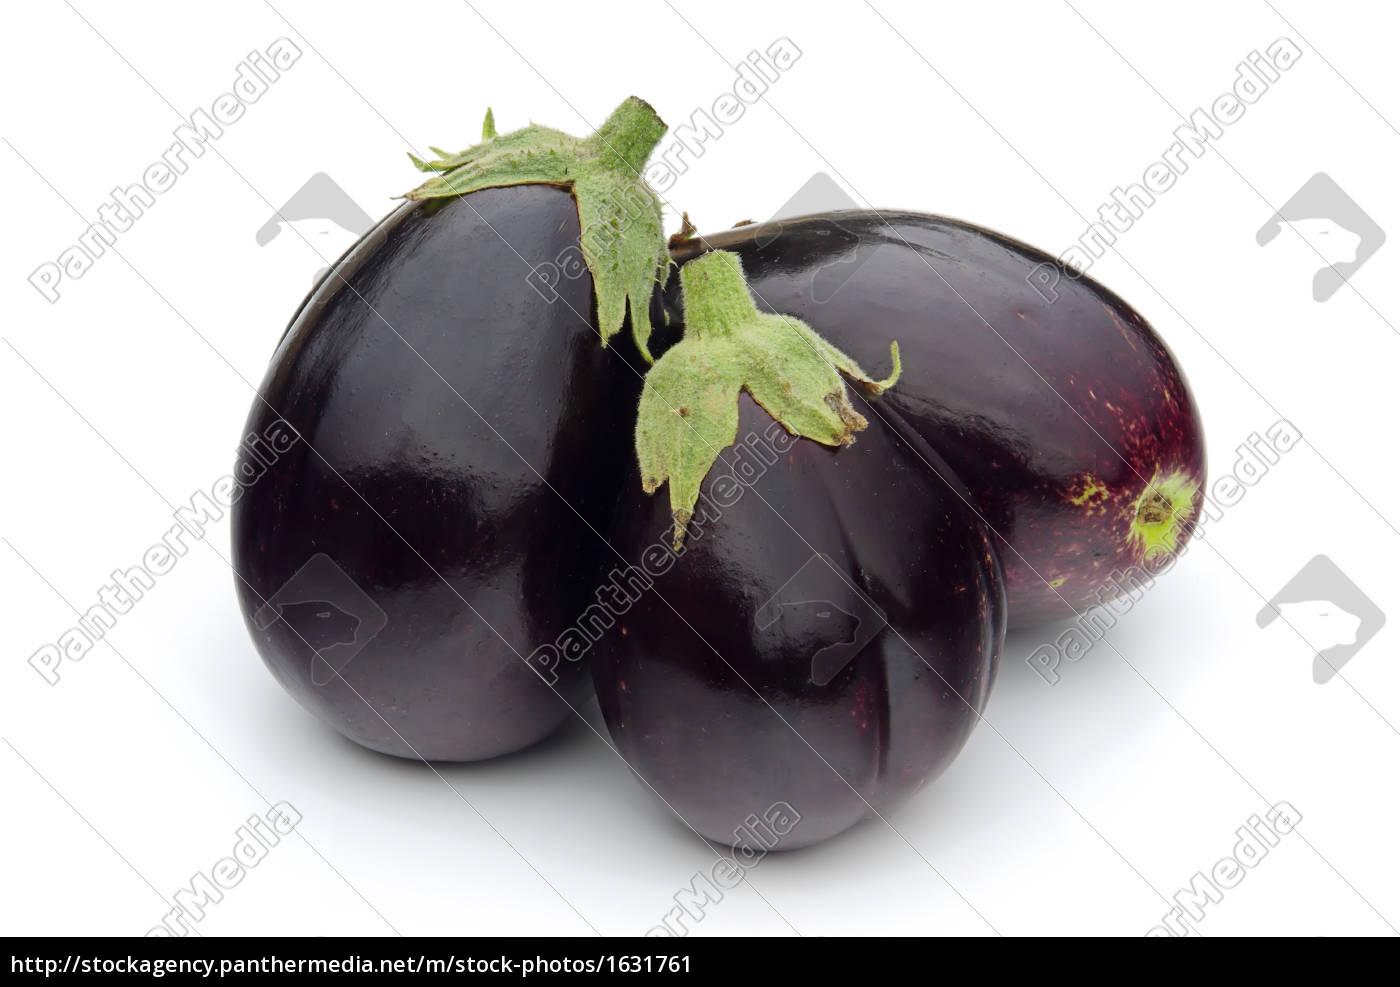 aubergine - 1631761